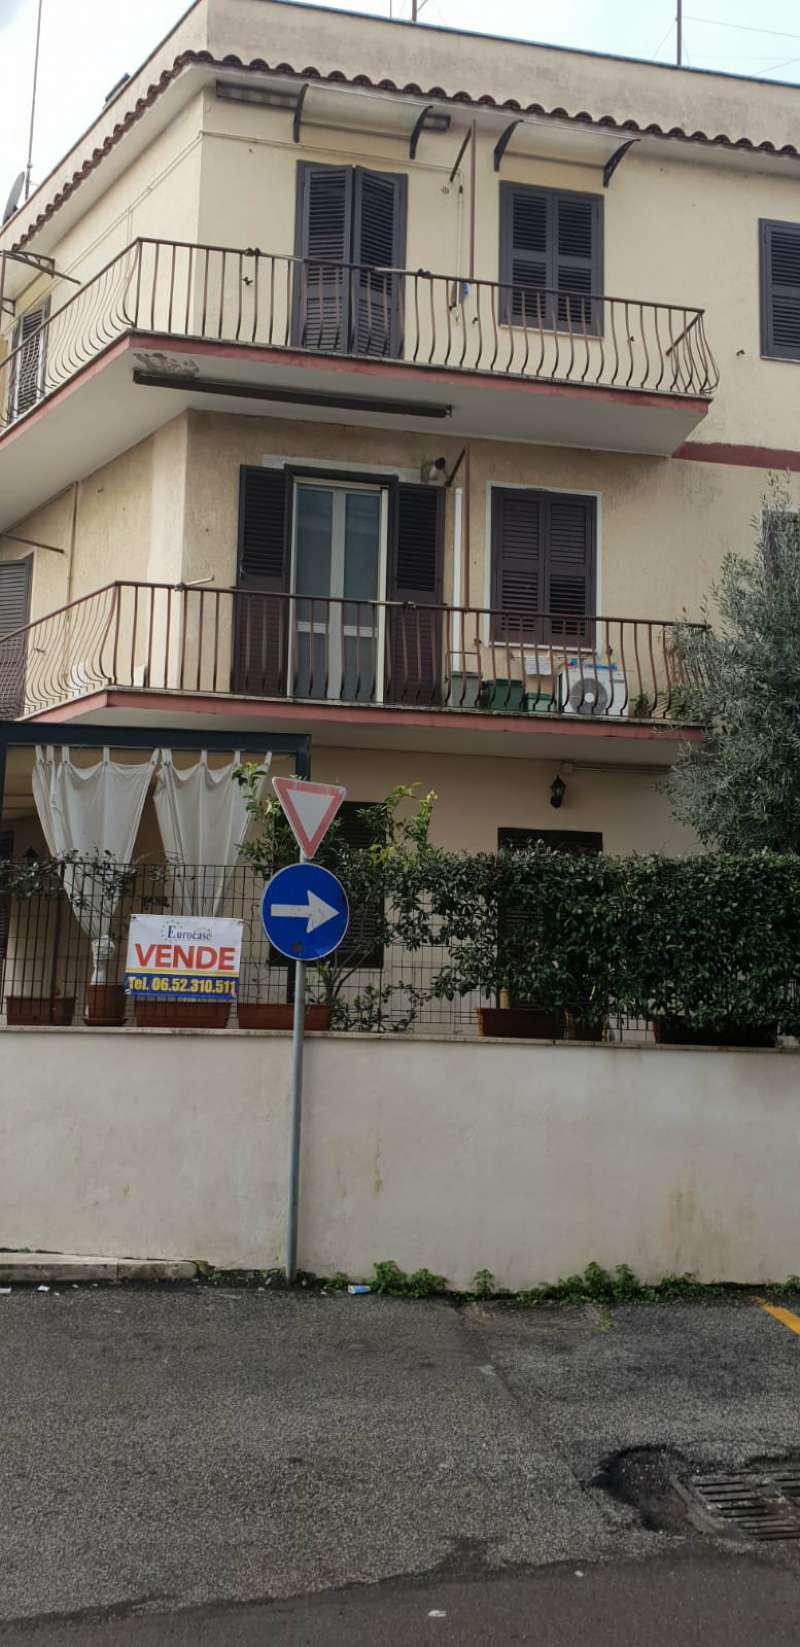 Appartamento in vendita a Roma, 3 locali, zona Zona: 38 . Acilia, Vitinia, Infernetto, Axa, Casal Palocco, Madonnetta, prezzo € 192.000 | CambioCasa.it